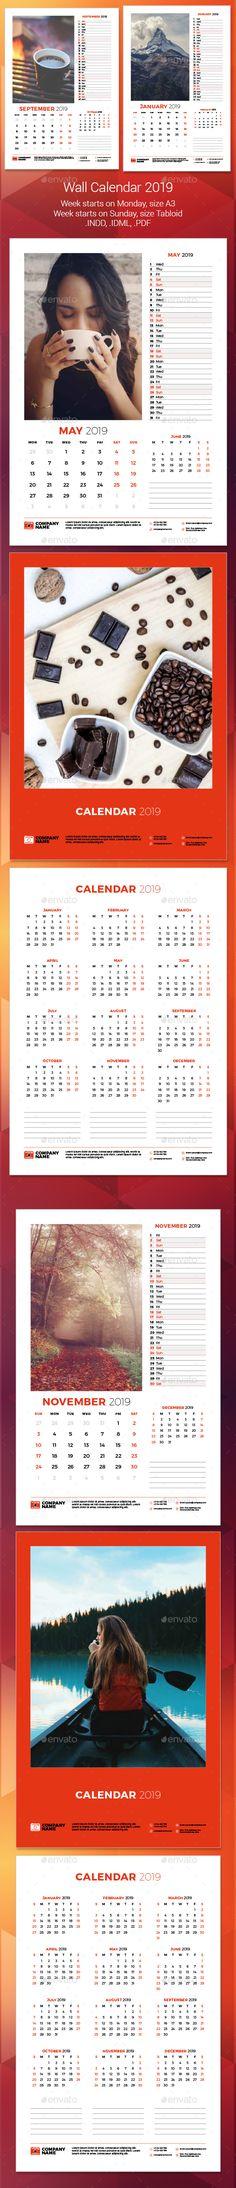 Wall Calendar 2019 Pinterest Walls